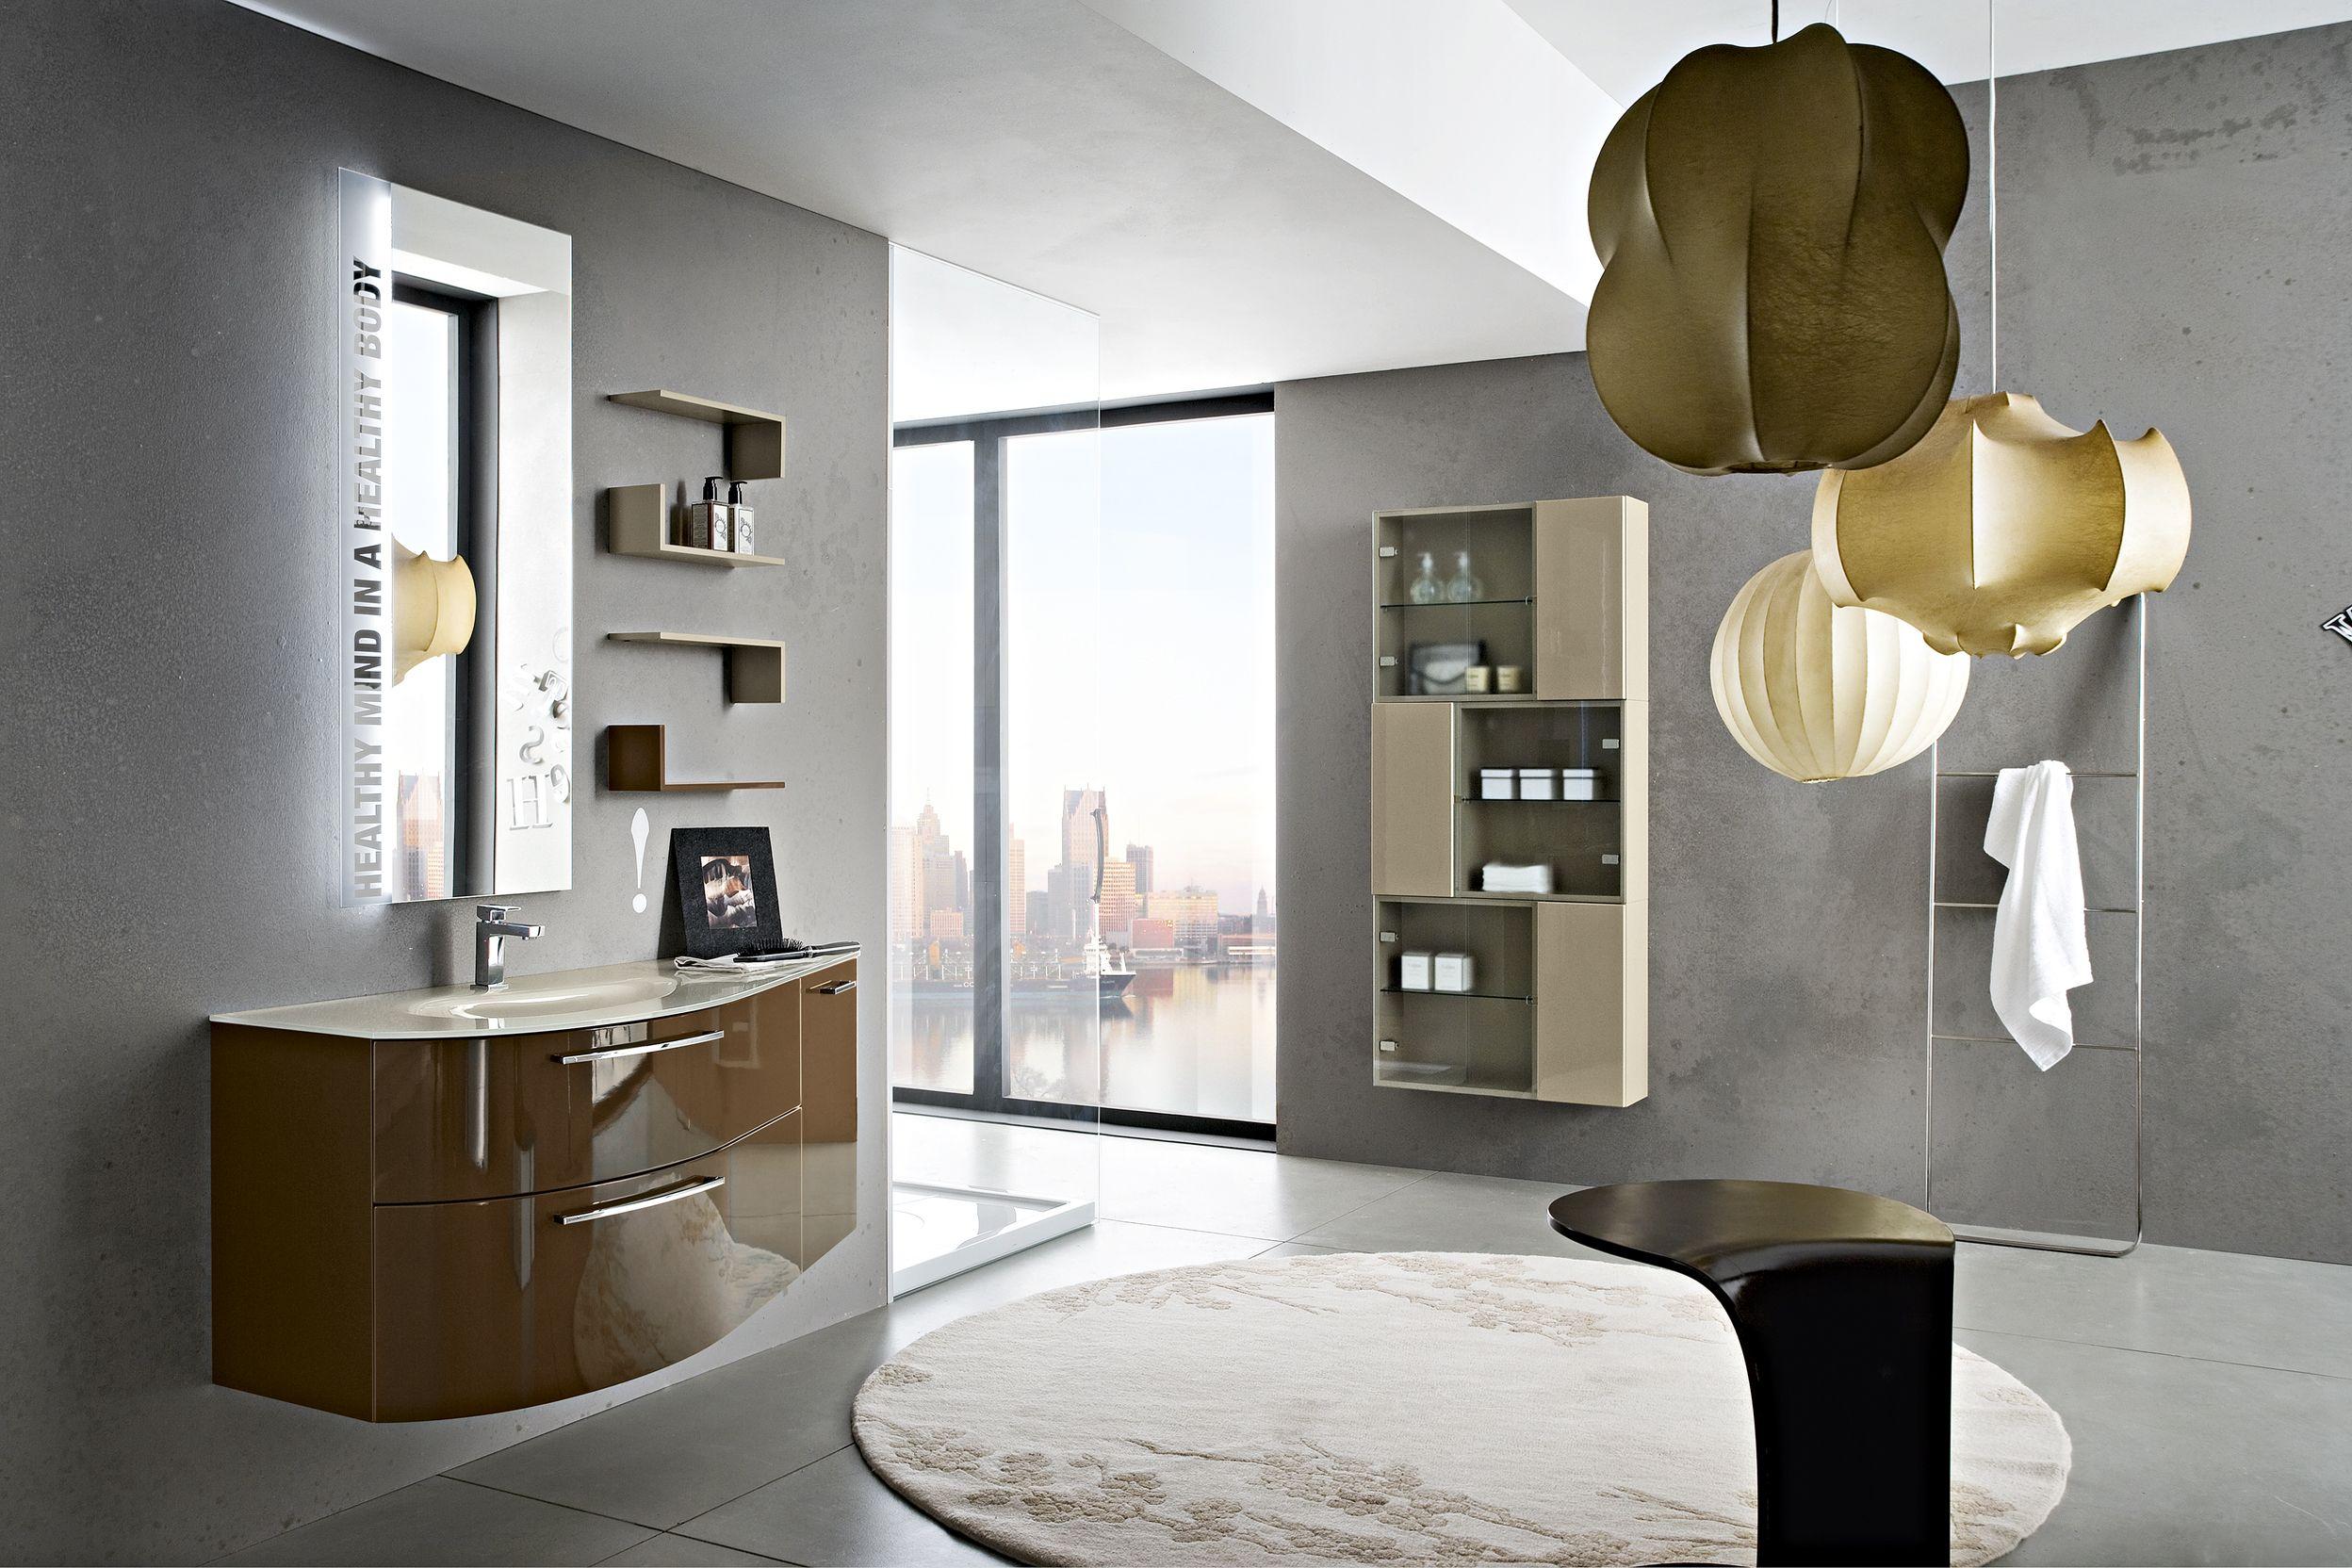 Bagno play con finitura laccato lucido marrone bl 6 http for Arredo bagno cinisello balsamo